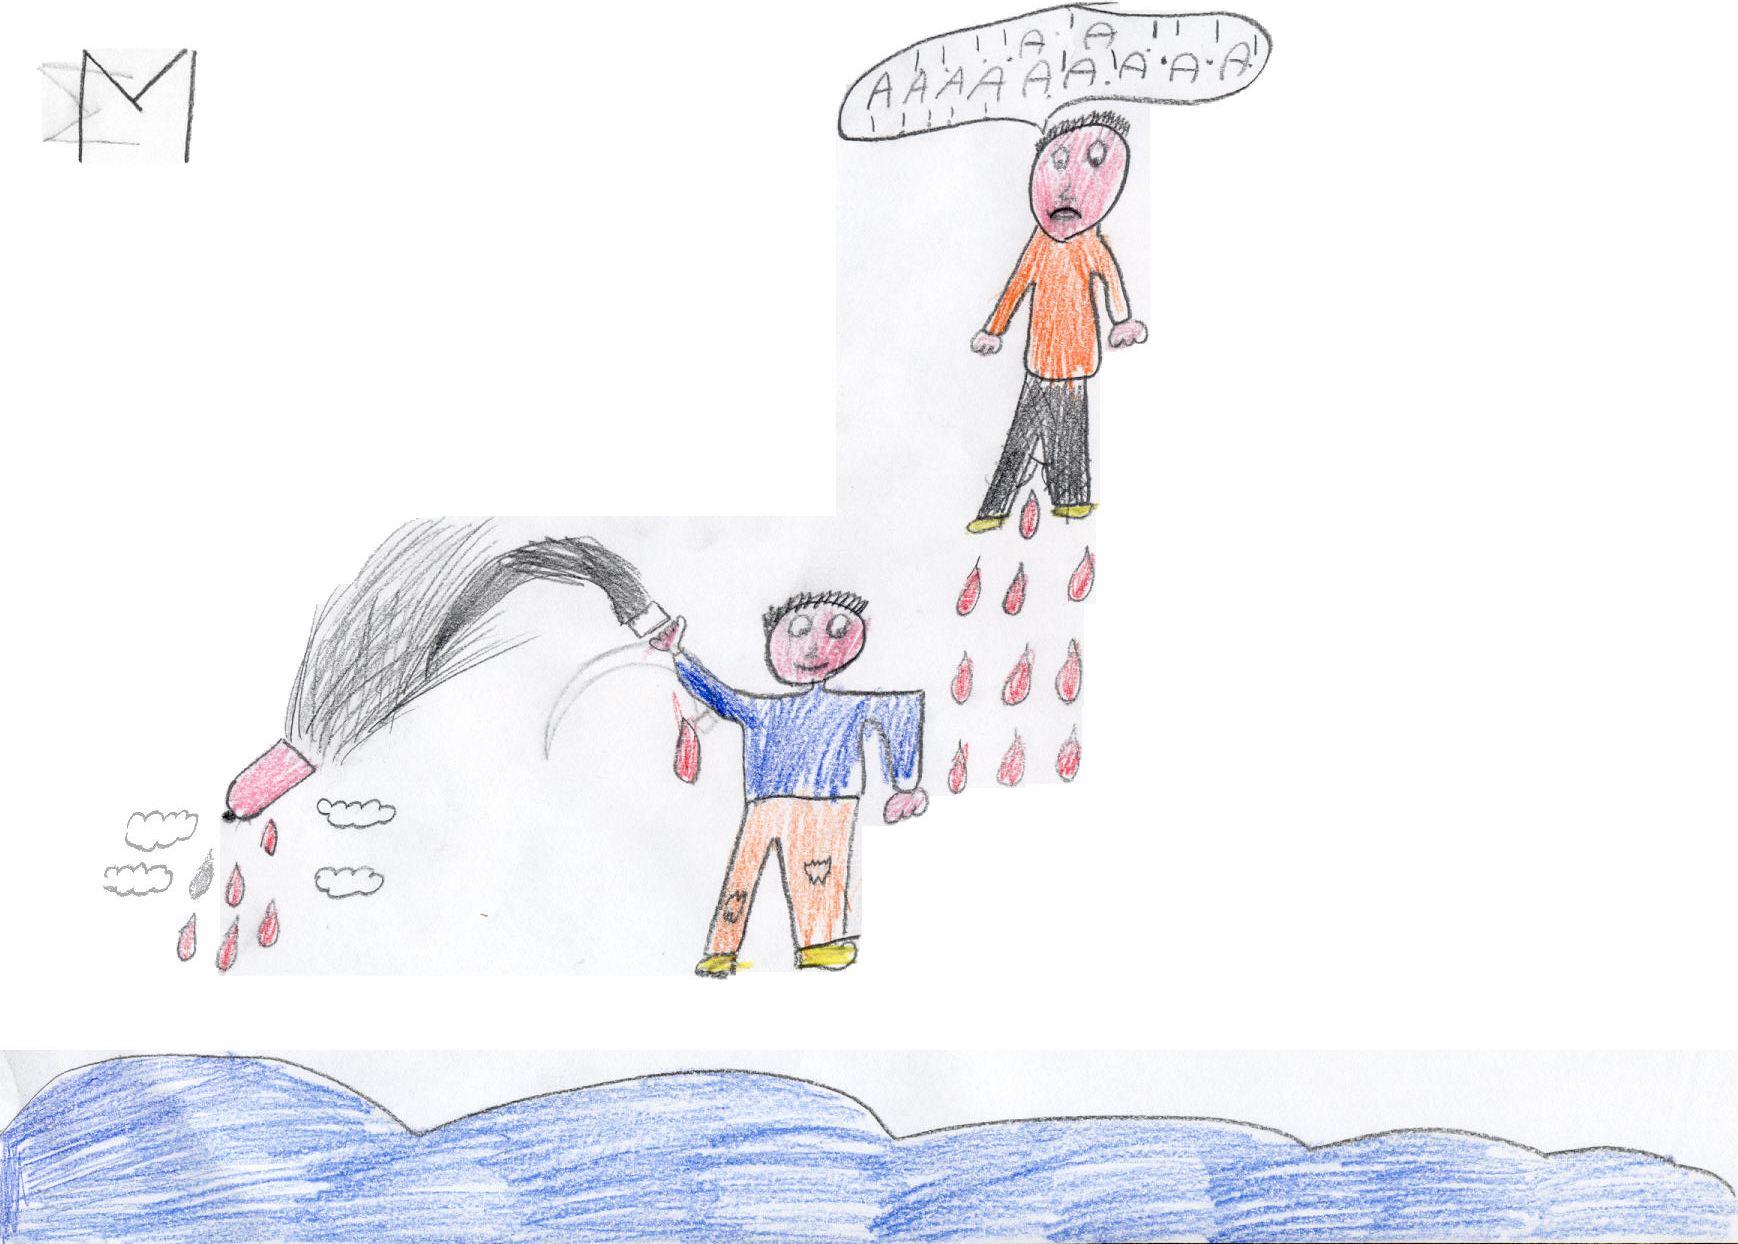 Alunno di IV: Tempo evira Cielo e getta nel mare il fallo           paterno, le cui gocce cadono sulla madre Terra